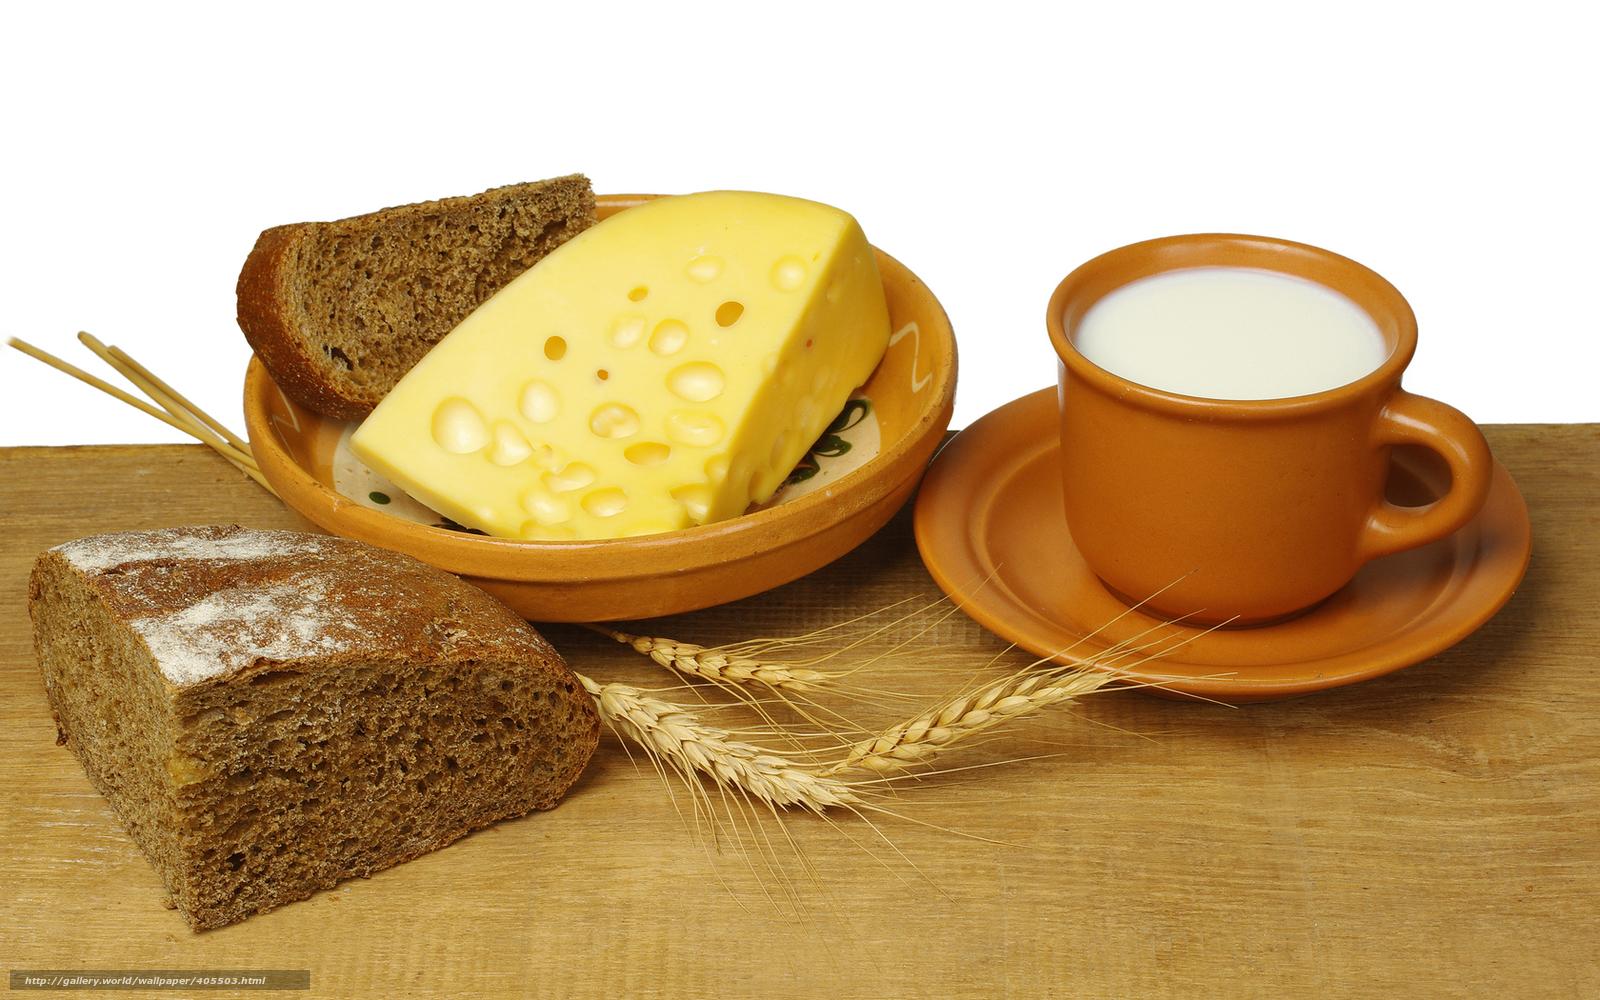 Скачать обои стол,  чёрный хлеб,  сыр,  ломоть бесплатно для рабочего стола в разрешении 1680x1050 — картинка №405503